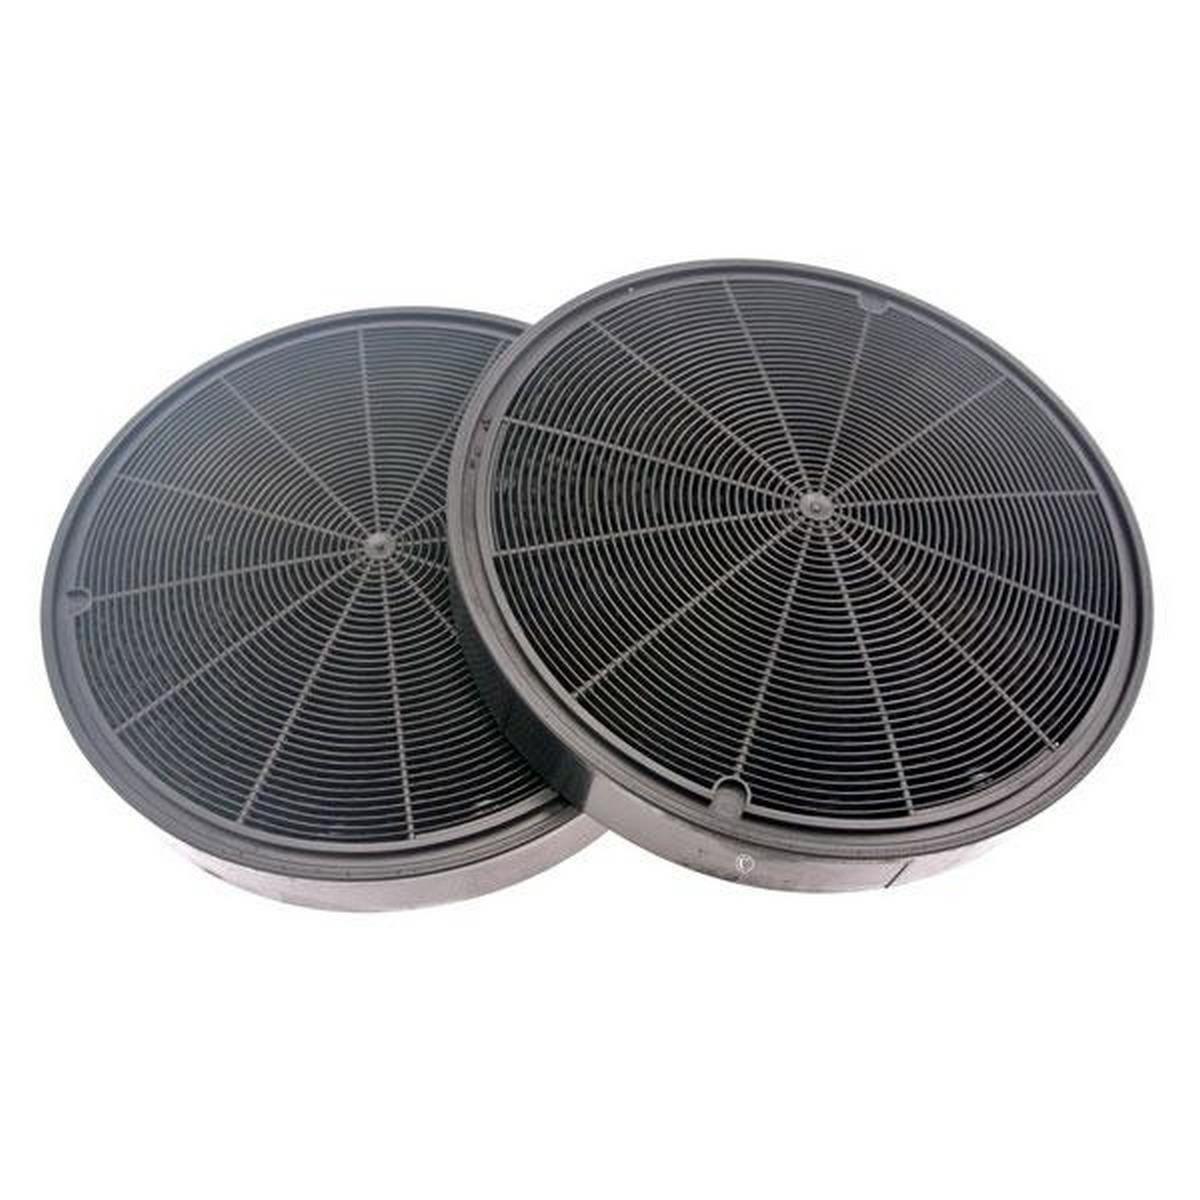 Juego de 2 filtros de carbón tipo 196 - Campana - AEG, Ariston ...